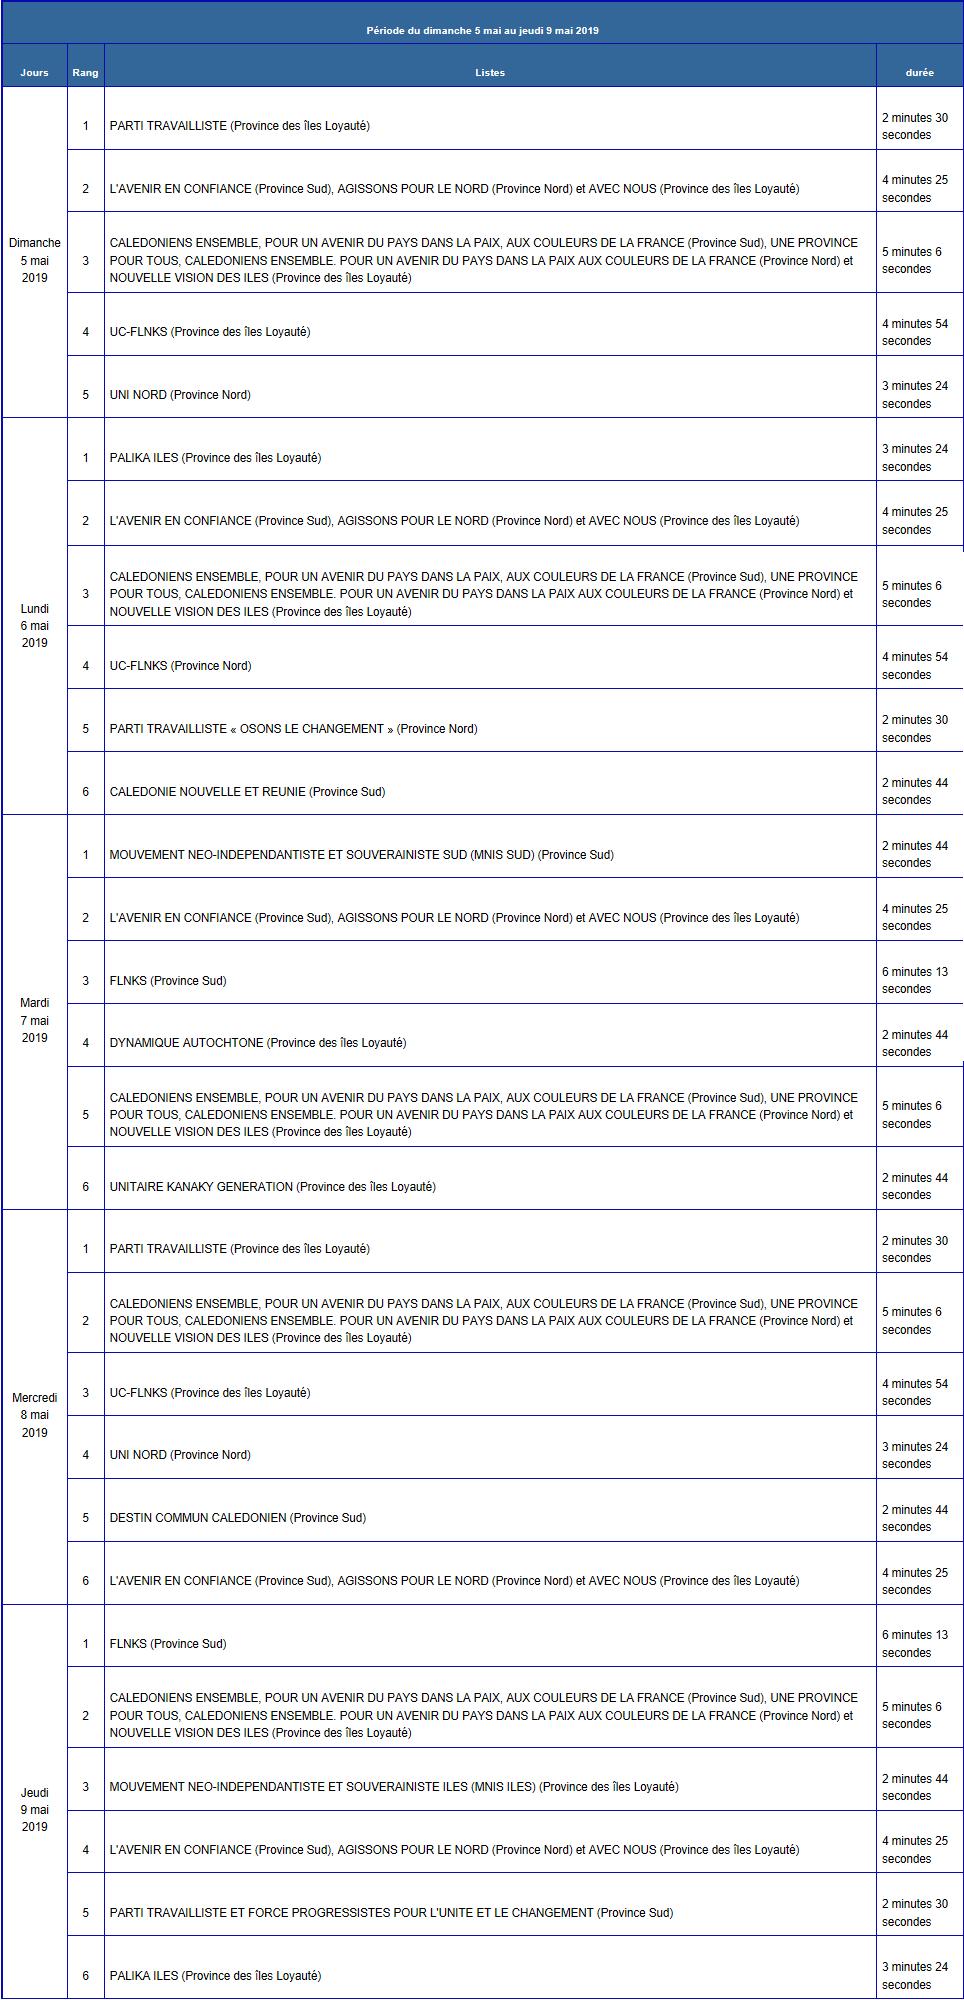 Élection des membres du congrès et des assemblées de province en Nouvelle-Calédonie: Le CSA fixe les règles !